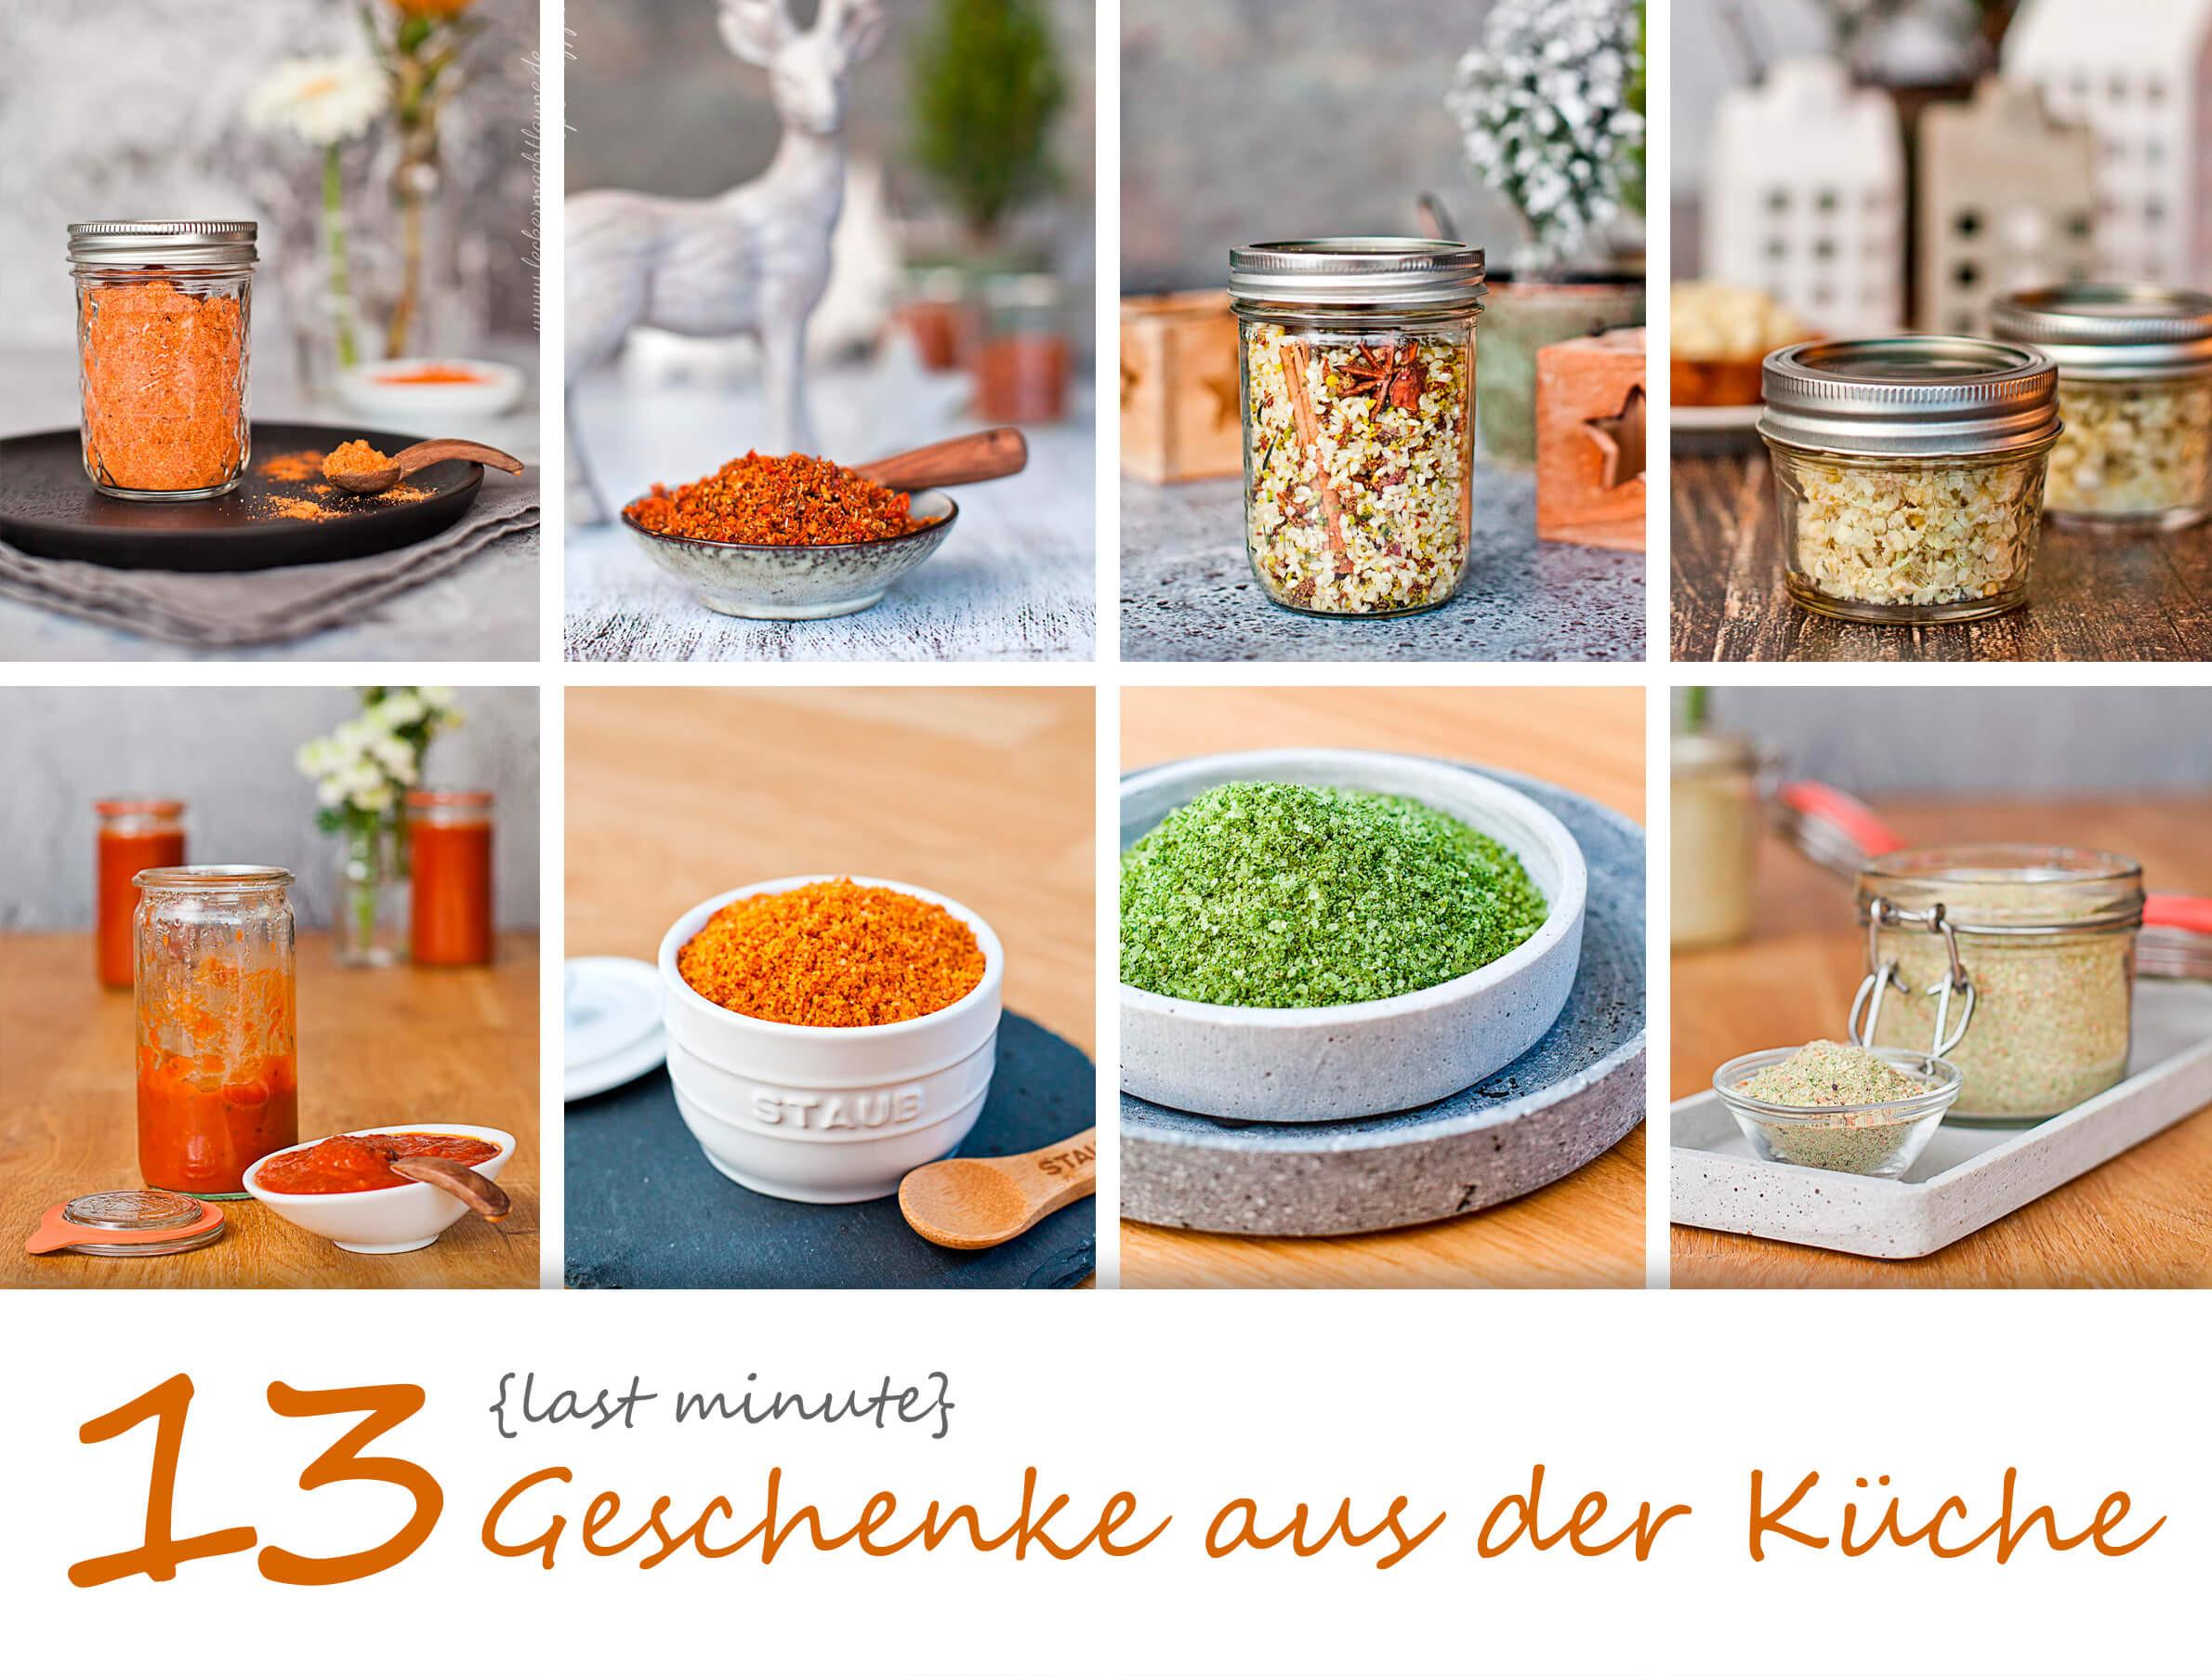 Geschenke Küche  13 Last Minute Geschenke aus der Küche